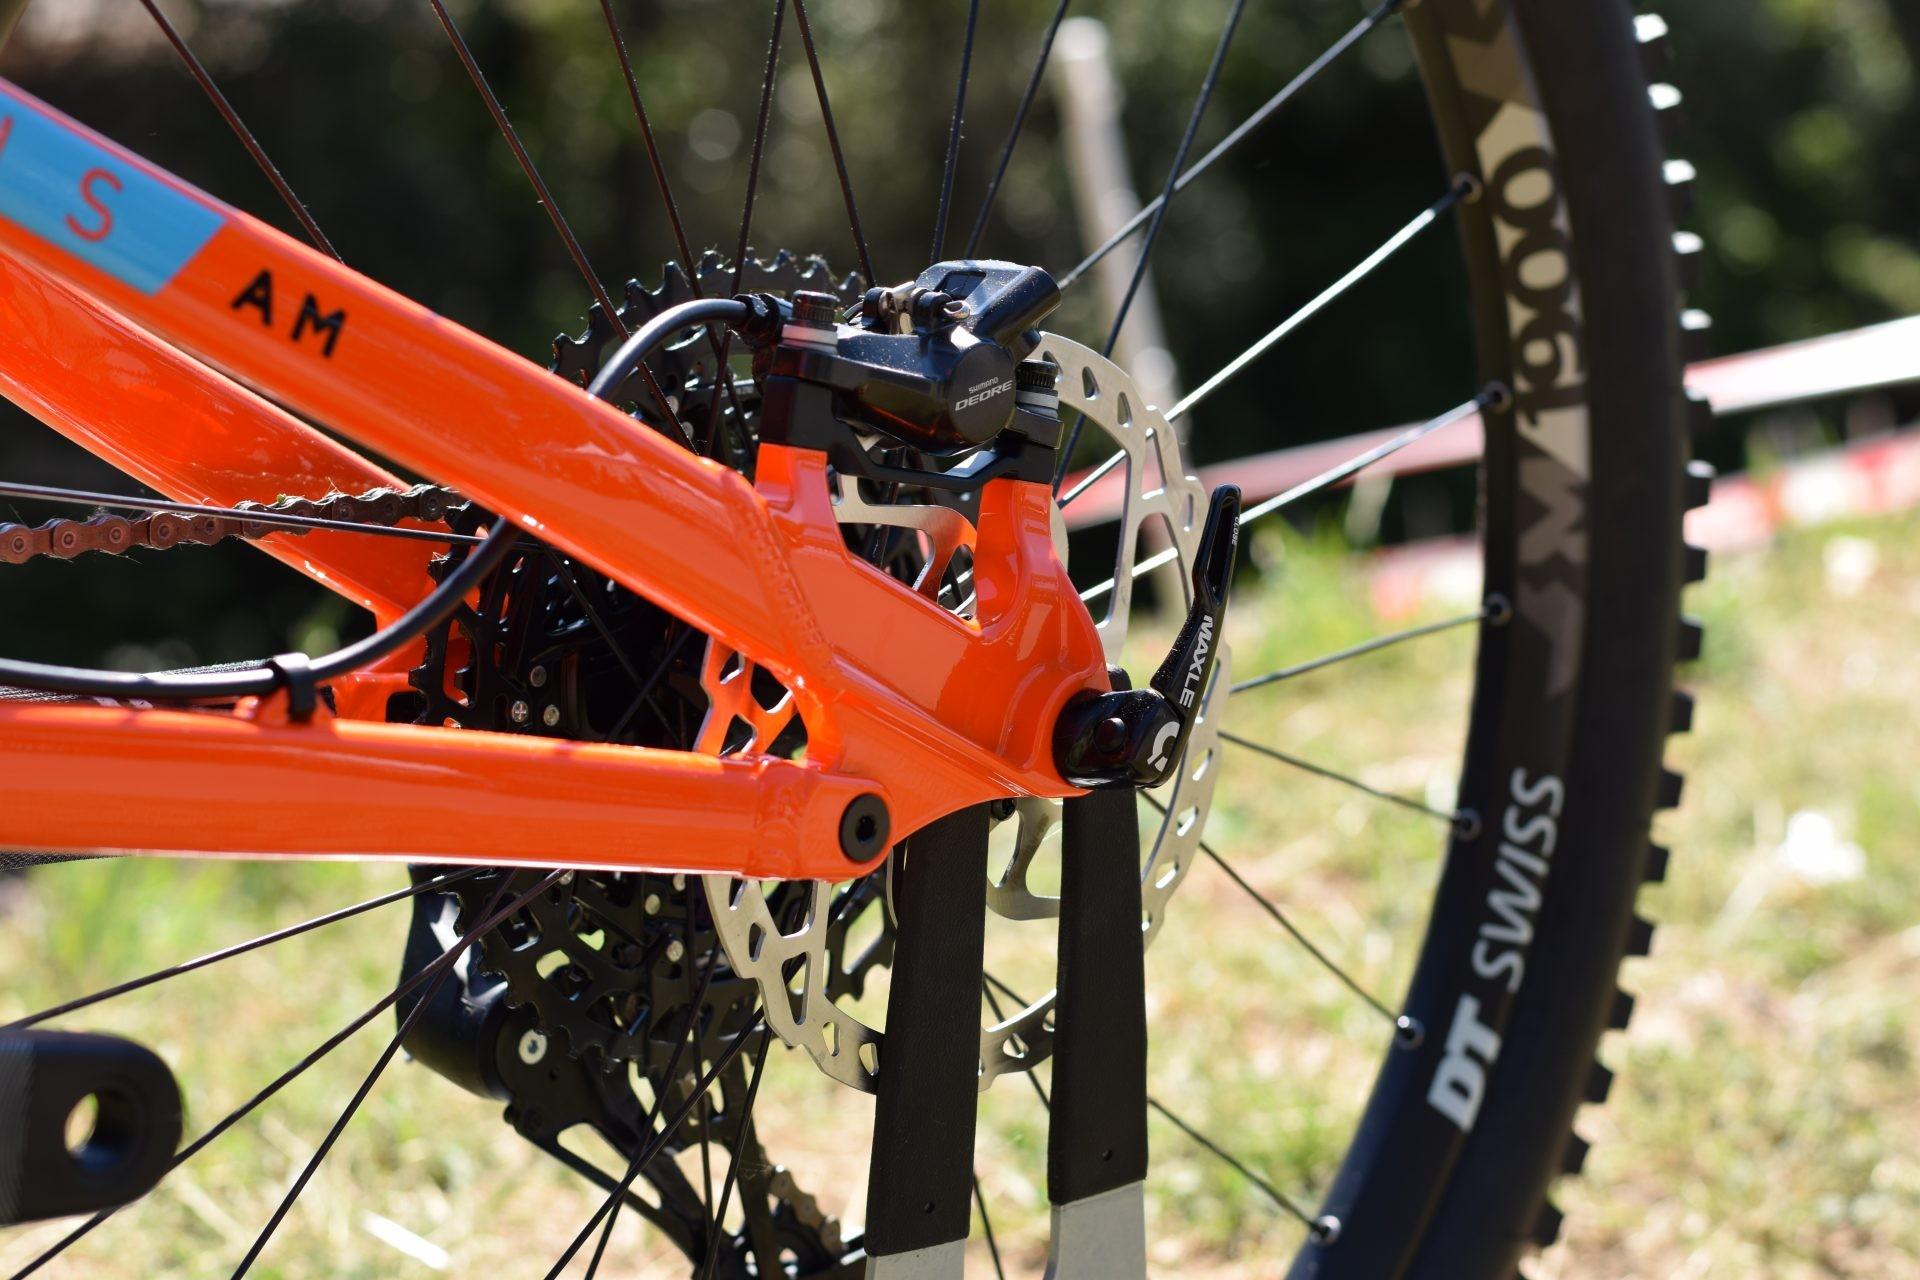 Shimano Deore rear brake